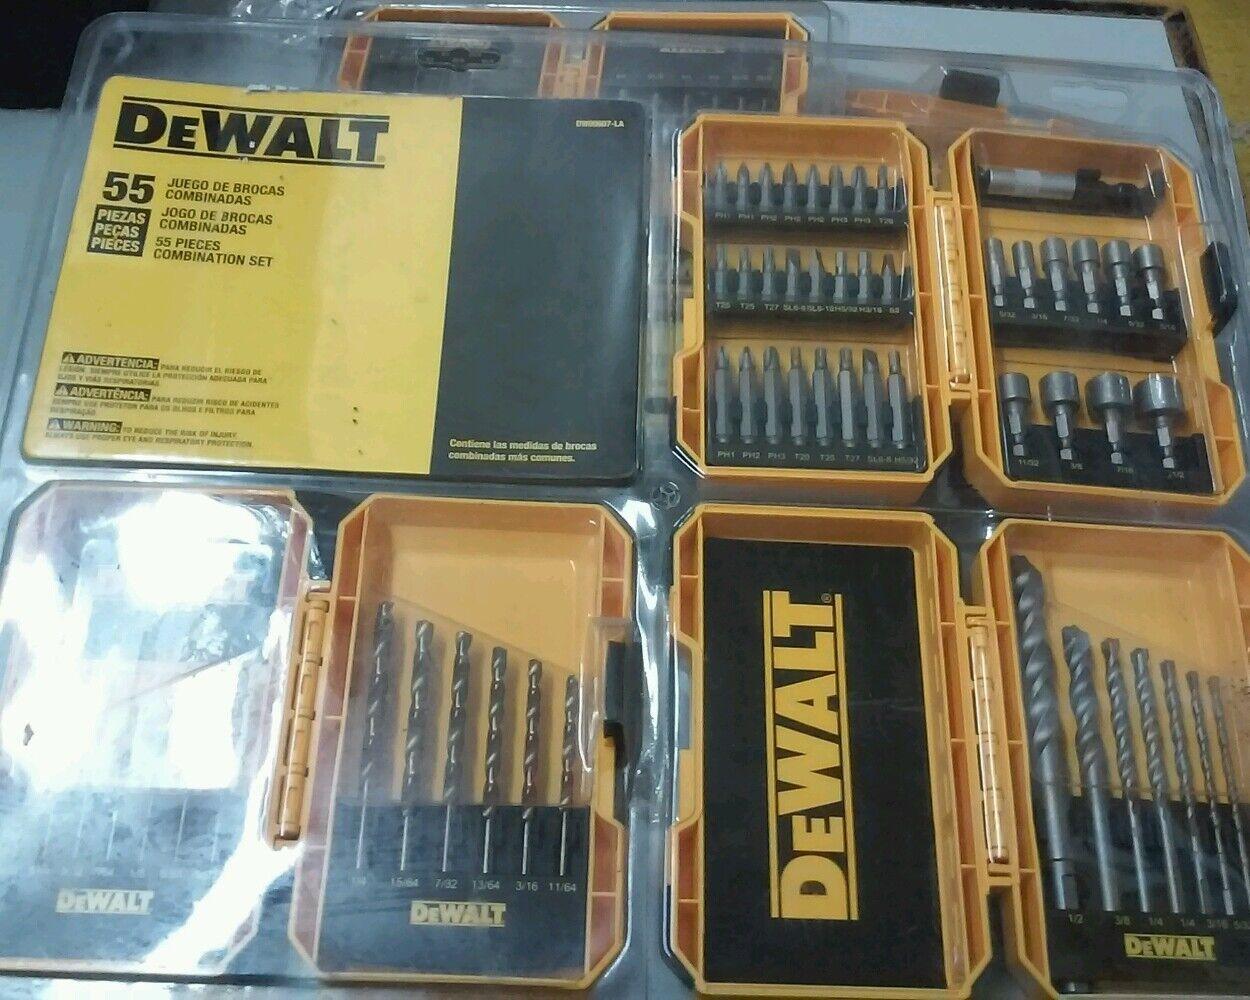 Dewalt DW00607-LA 55 Tiele Kombination Set